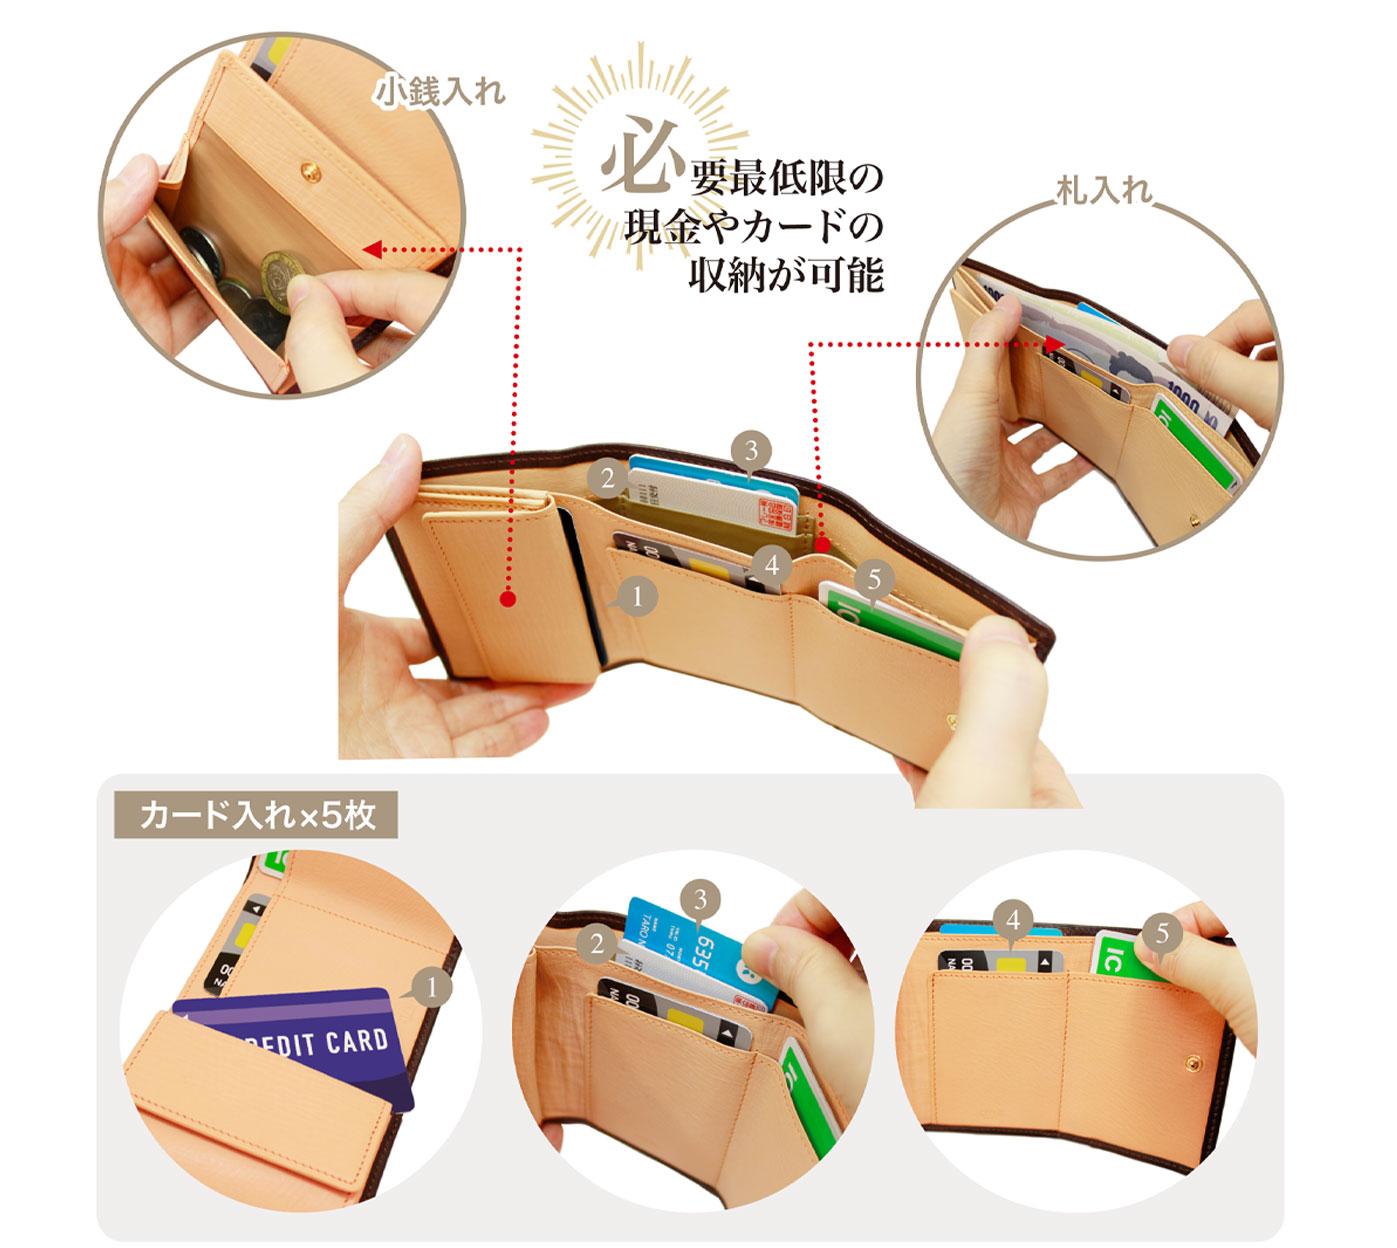 革財布キプリスのシラサギレザー 三つ折り財布。小銭入れ、カード5枚入れ、札入れを完備。必要最低限の現金やカードが収納可能。